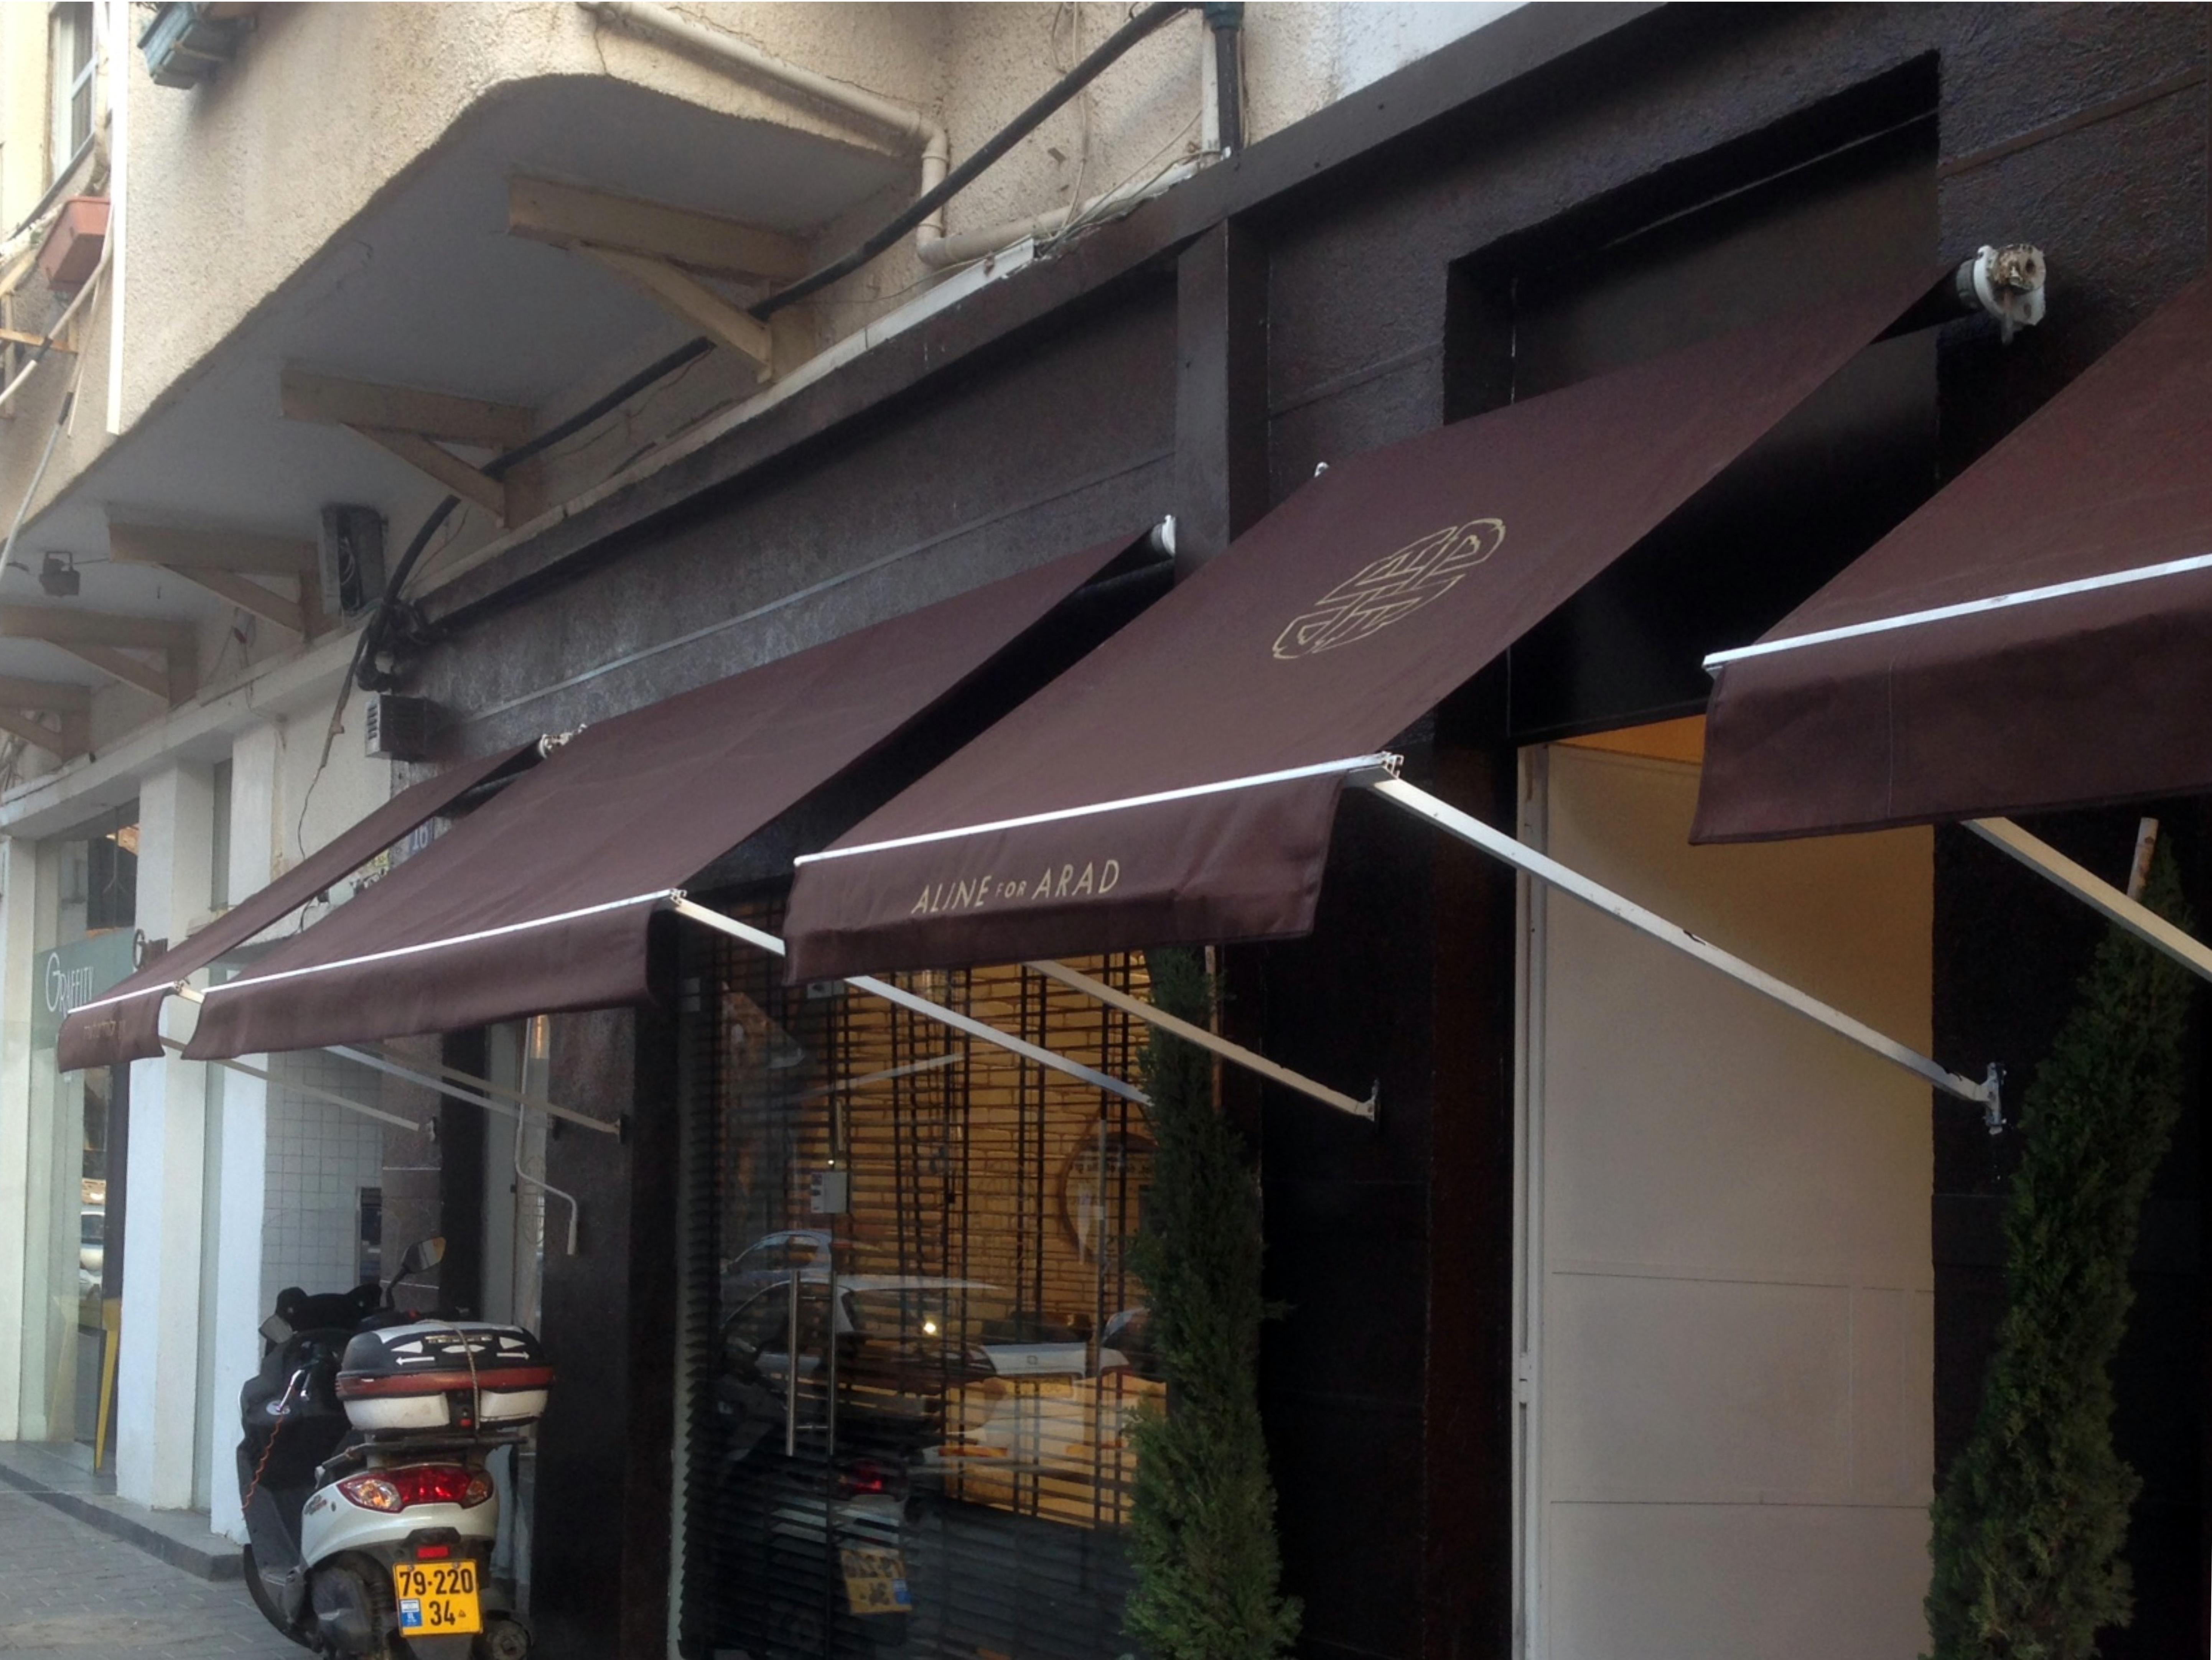 סוכך לחלון / מרקיזולטה לבית קפה